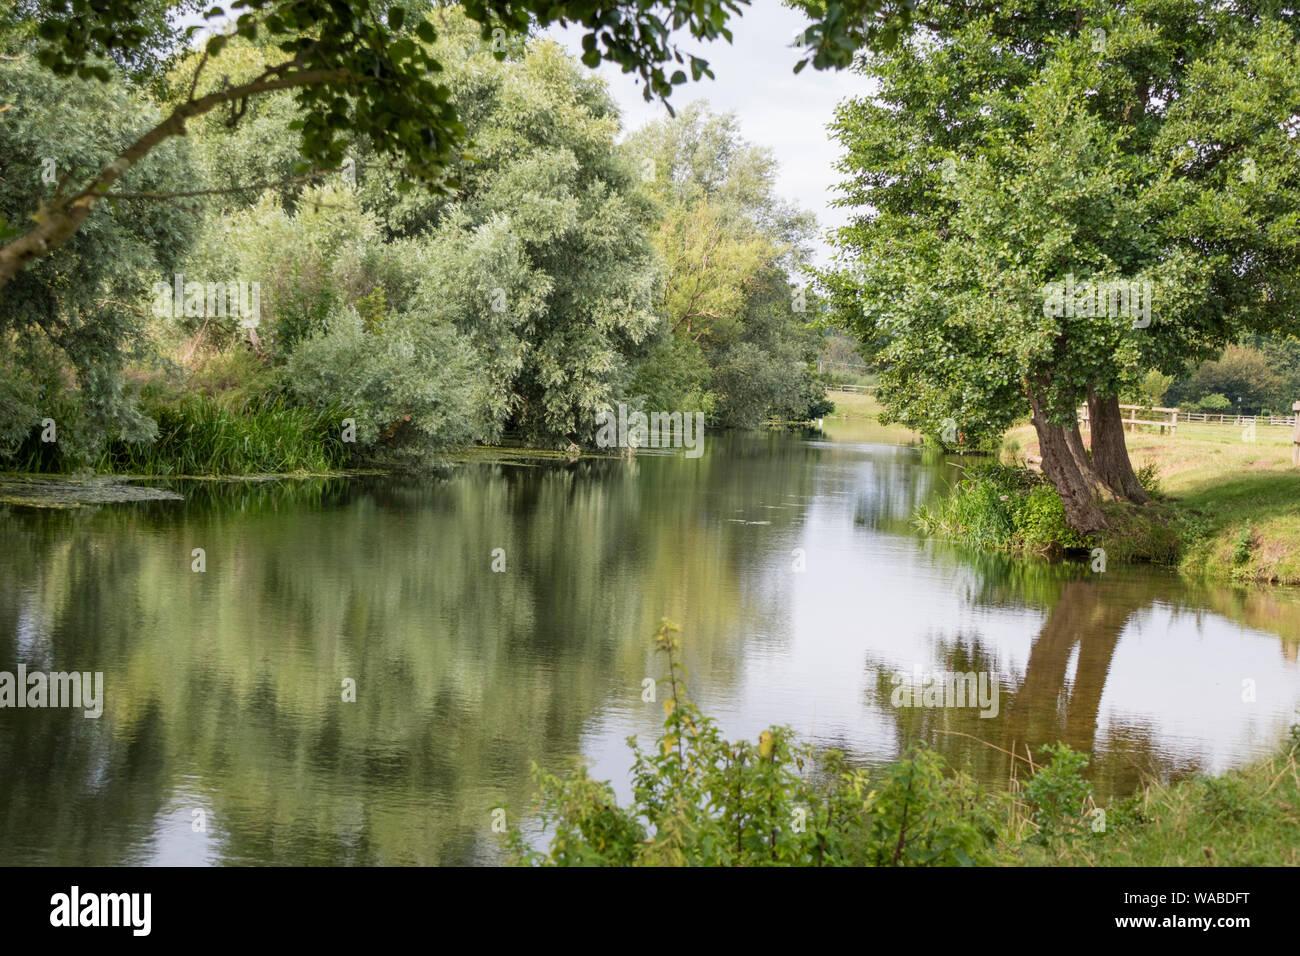 Il fiume Stour vicino al Flatford Mill del National Trust reso famoso dall'artista John Constable 1776 -1837, Suffolk, Inghilterra, Regno Unito Foto Stock